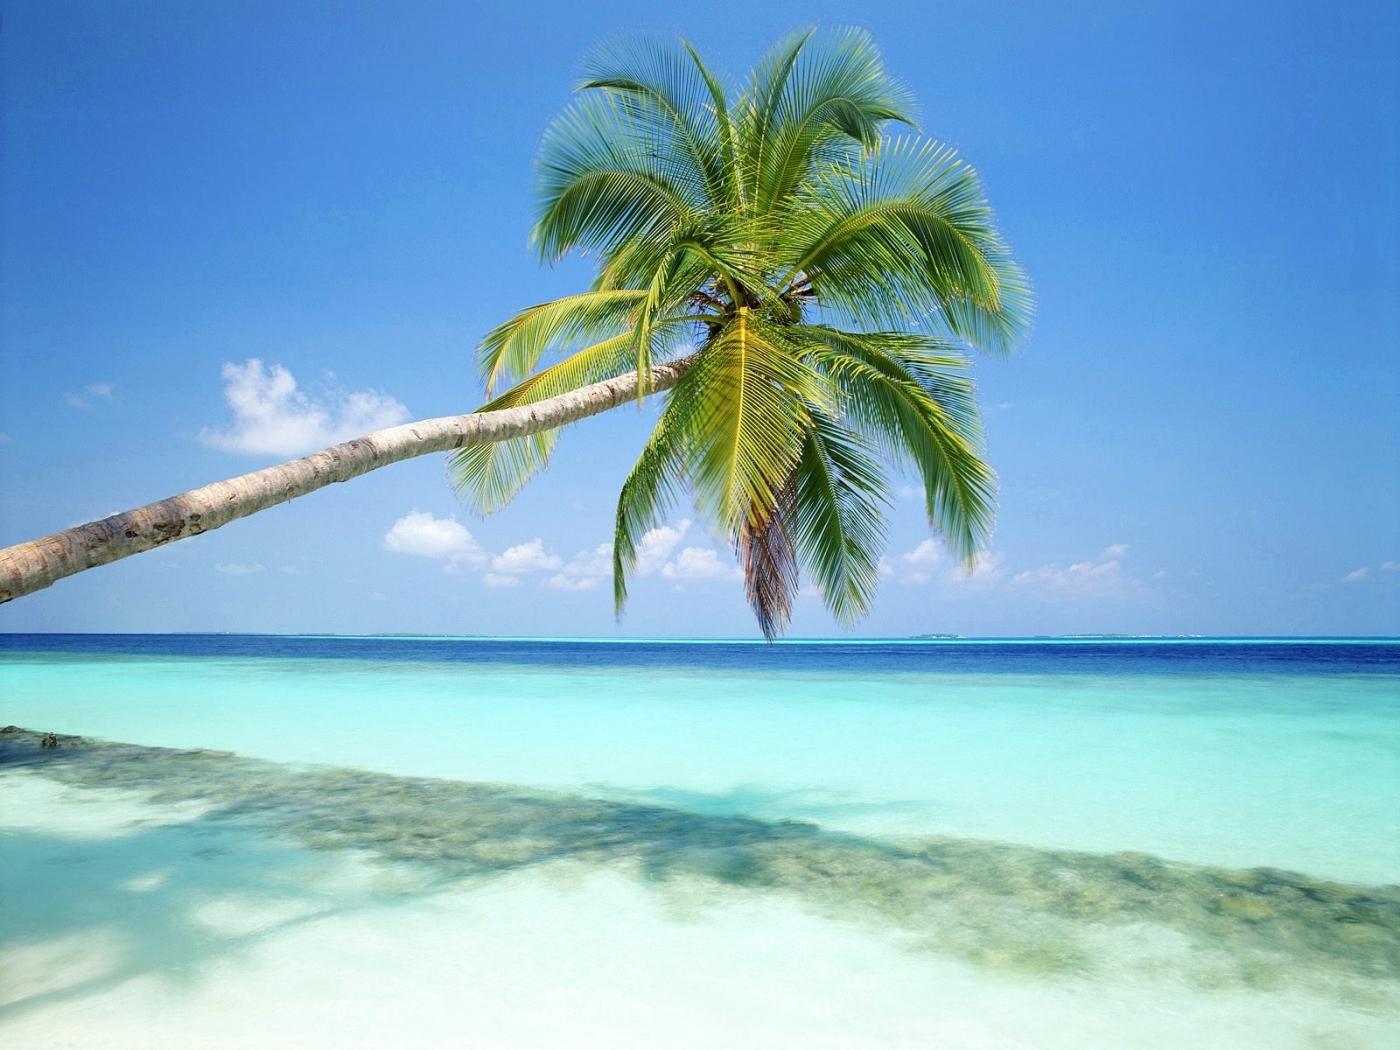 25818 télécharger le fond d'écran Plantes, Paysage, Mer, Plage, Palms - économiseurs d'écran et images gratuitement